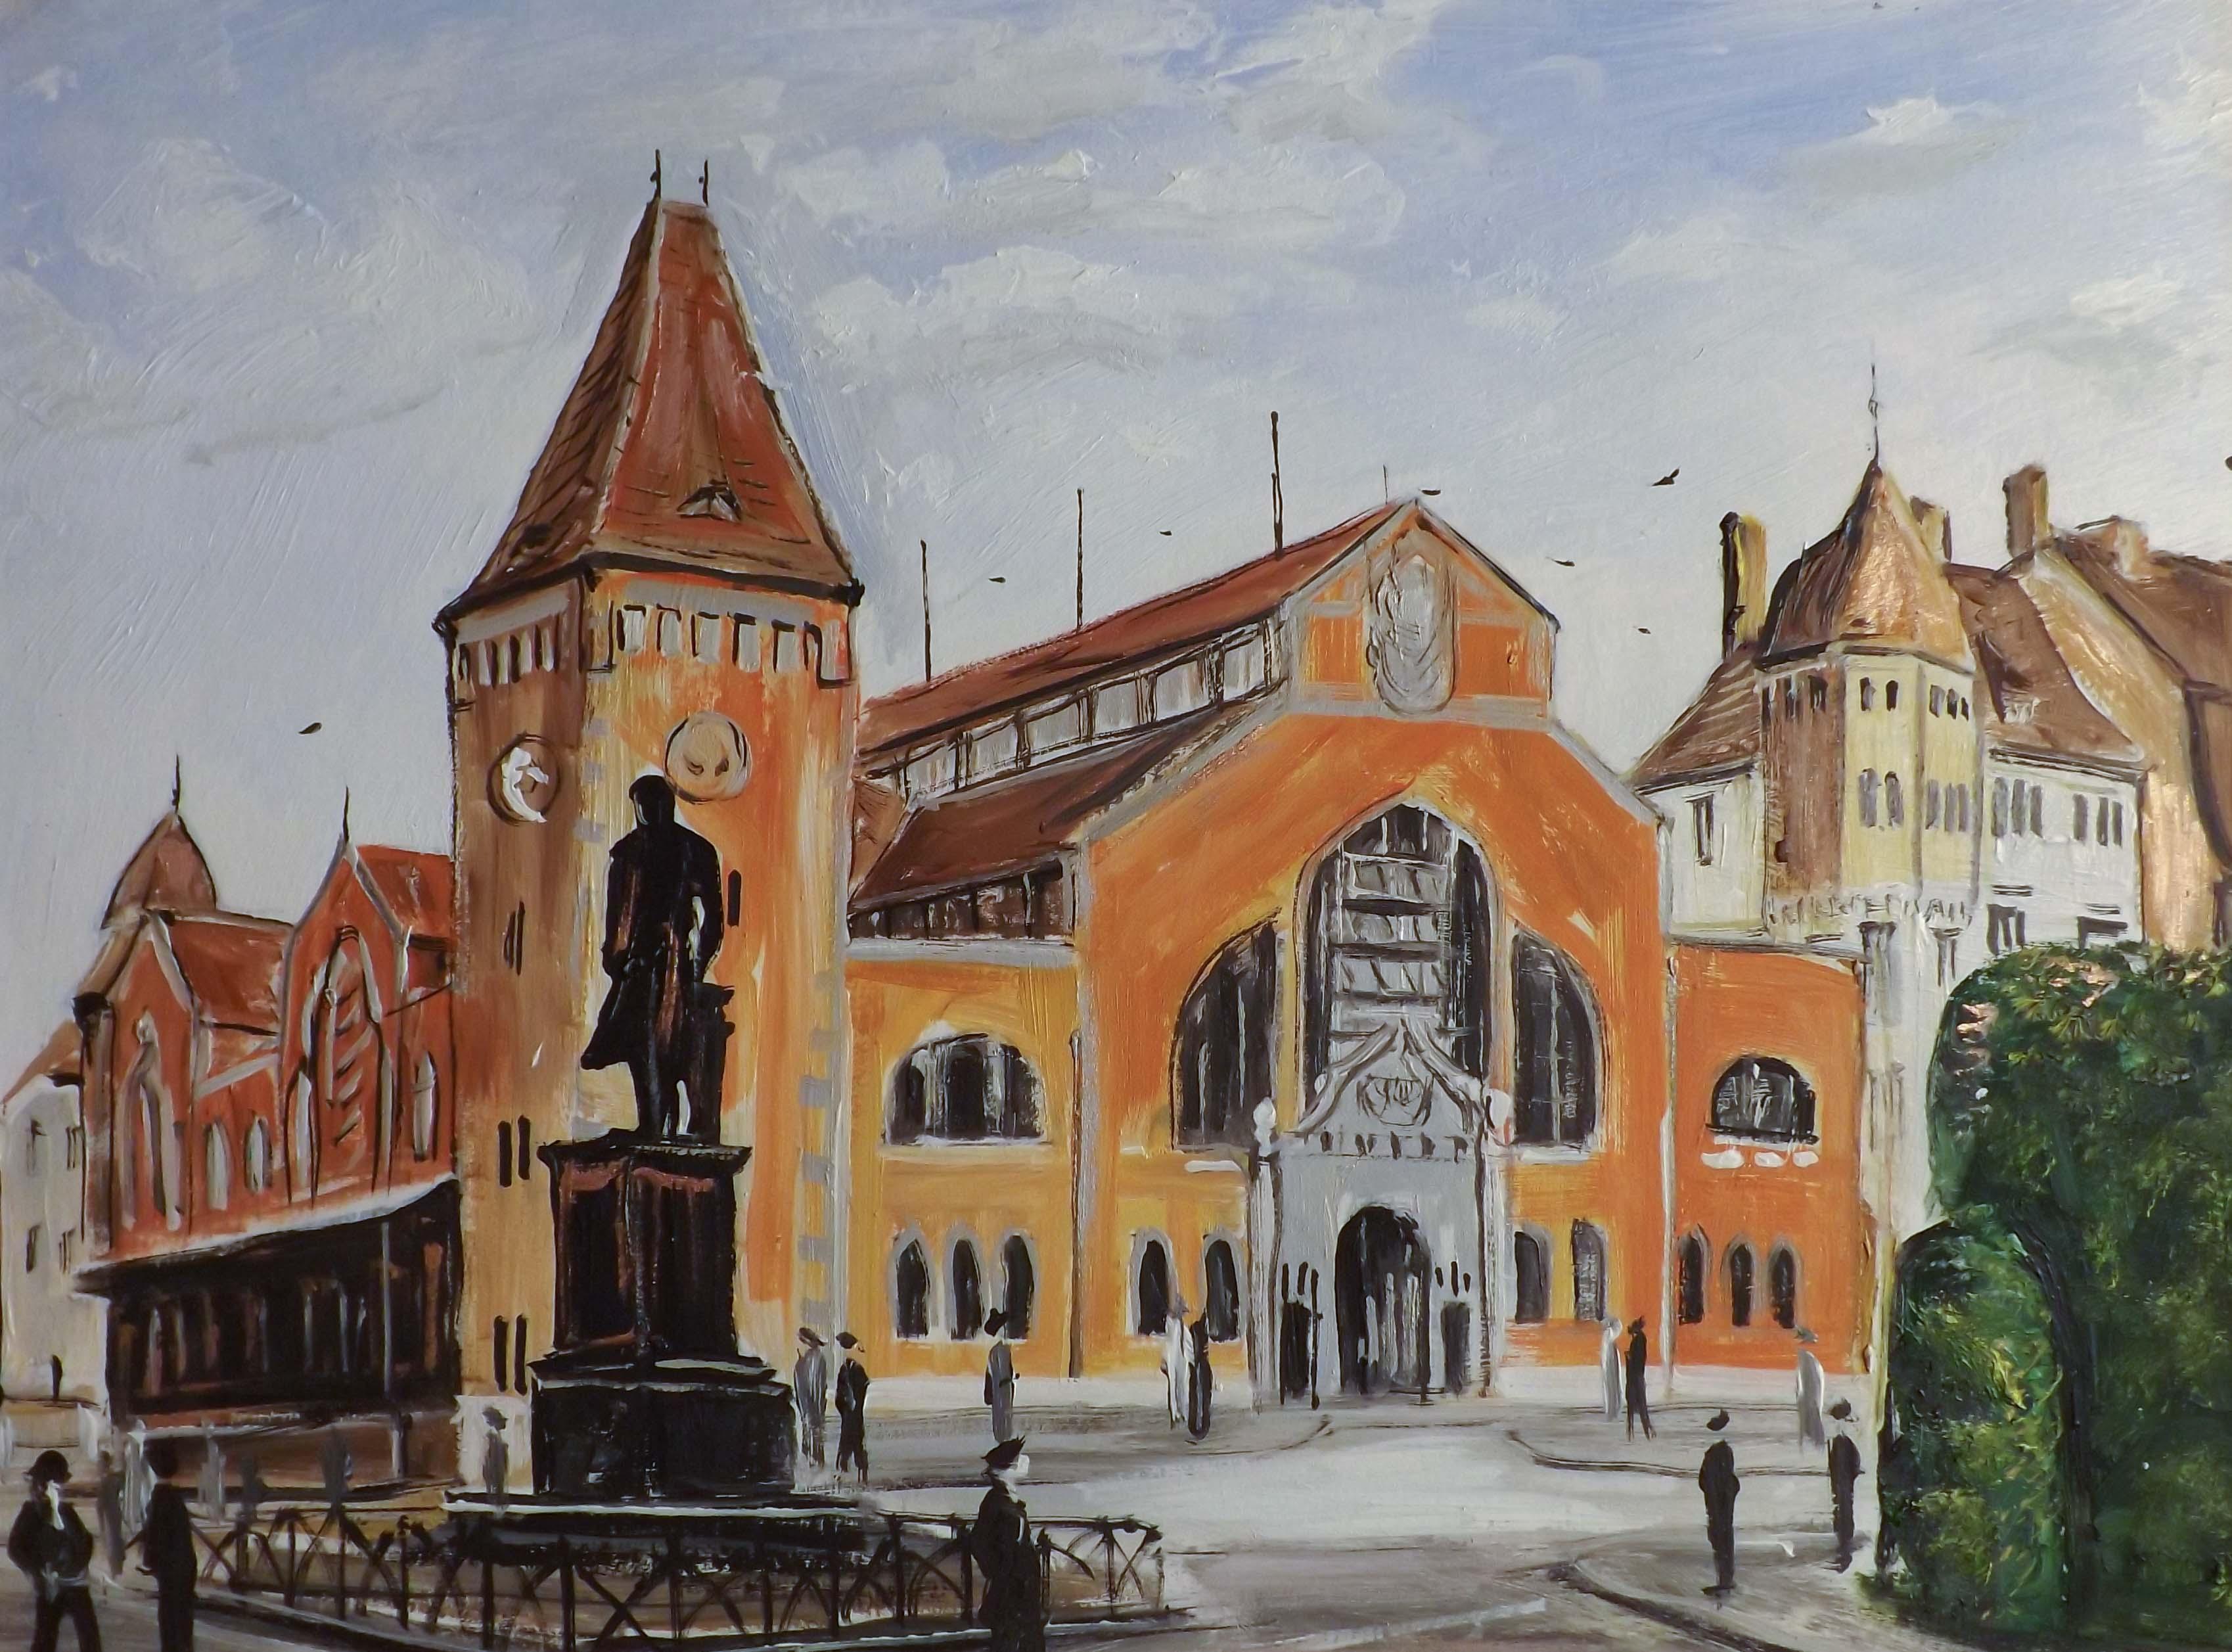 https://peter-natusch.de/wp-content/uploads/2018/01/Breslau-Markthalle-am-Ritterplatz.jpg